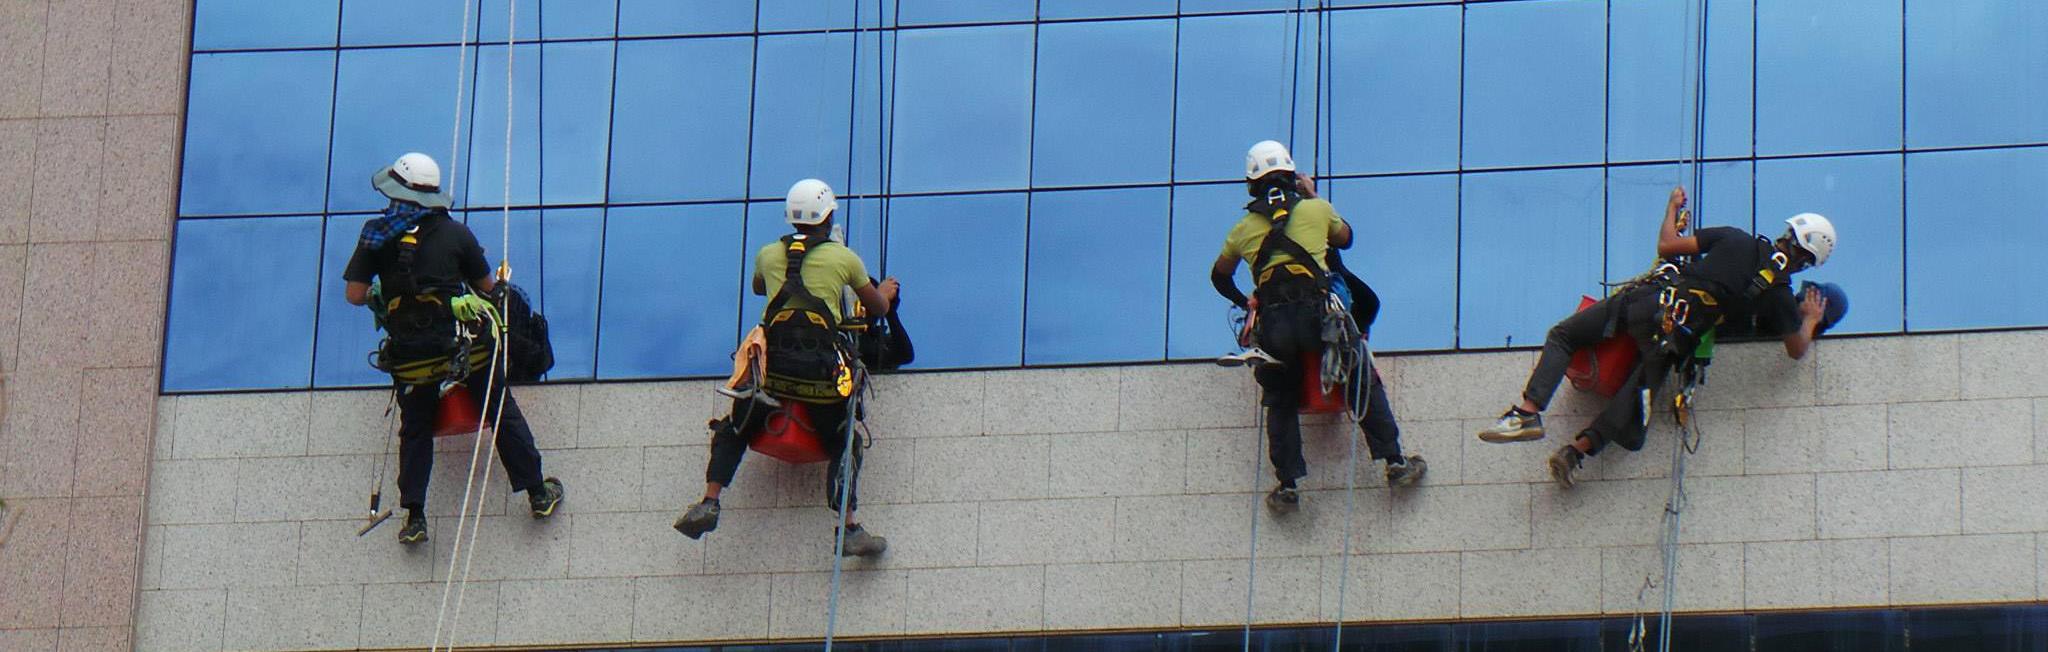 Dịch vụ lau kính nhà cao tầng tại tphcm